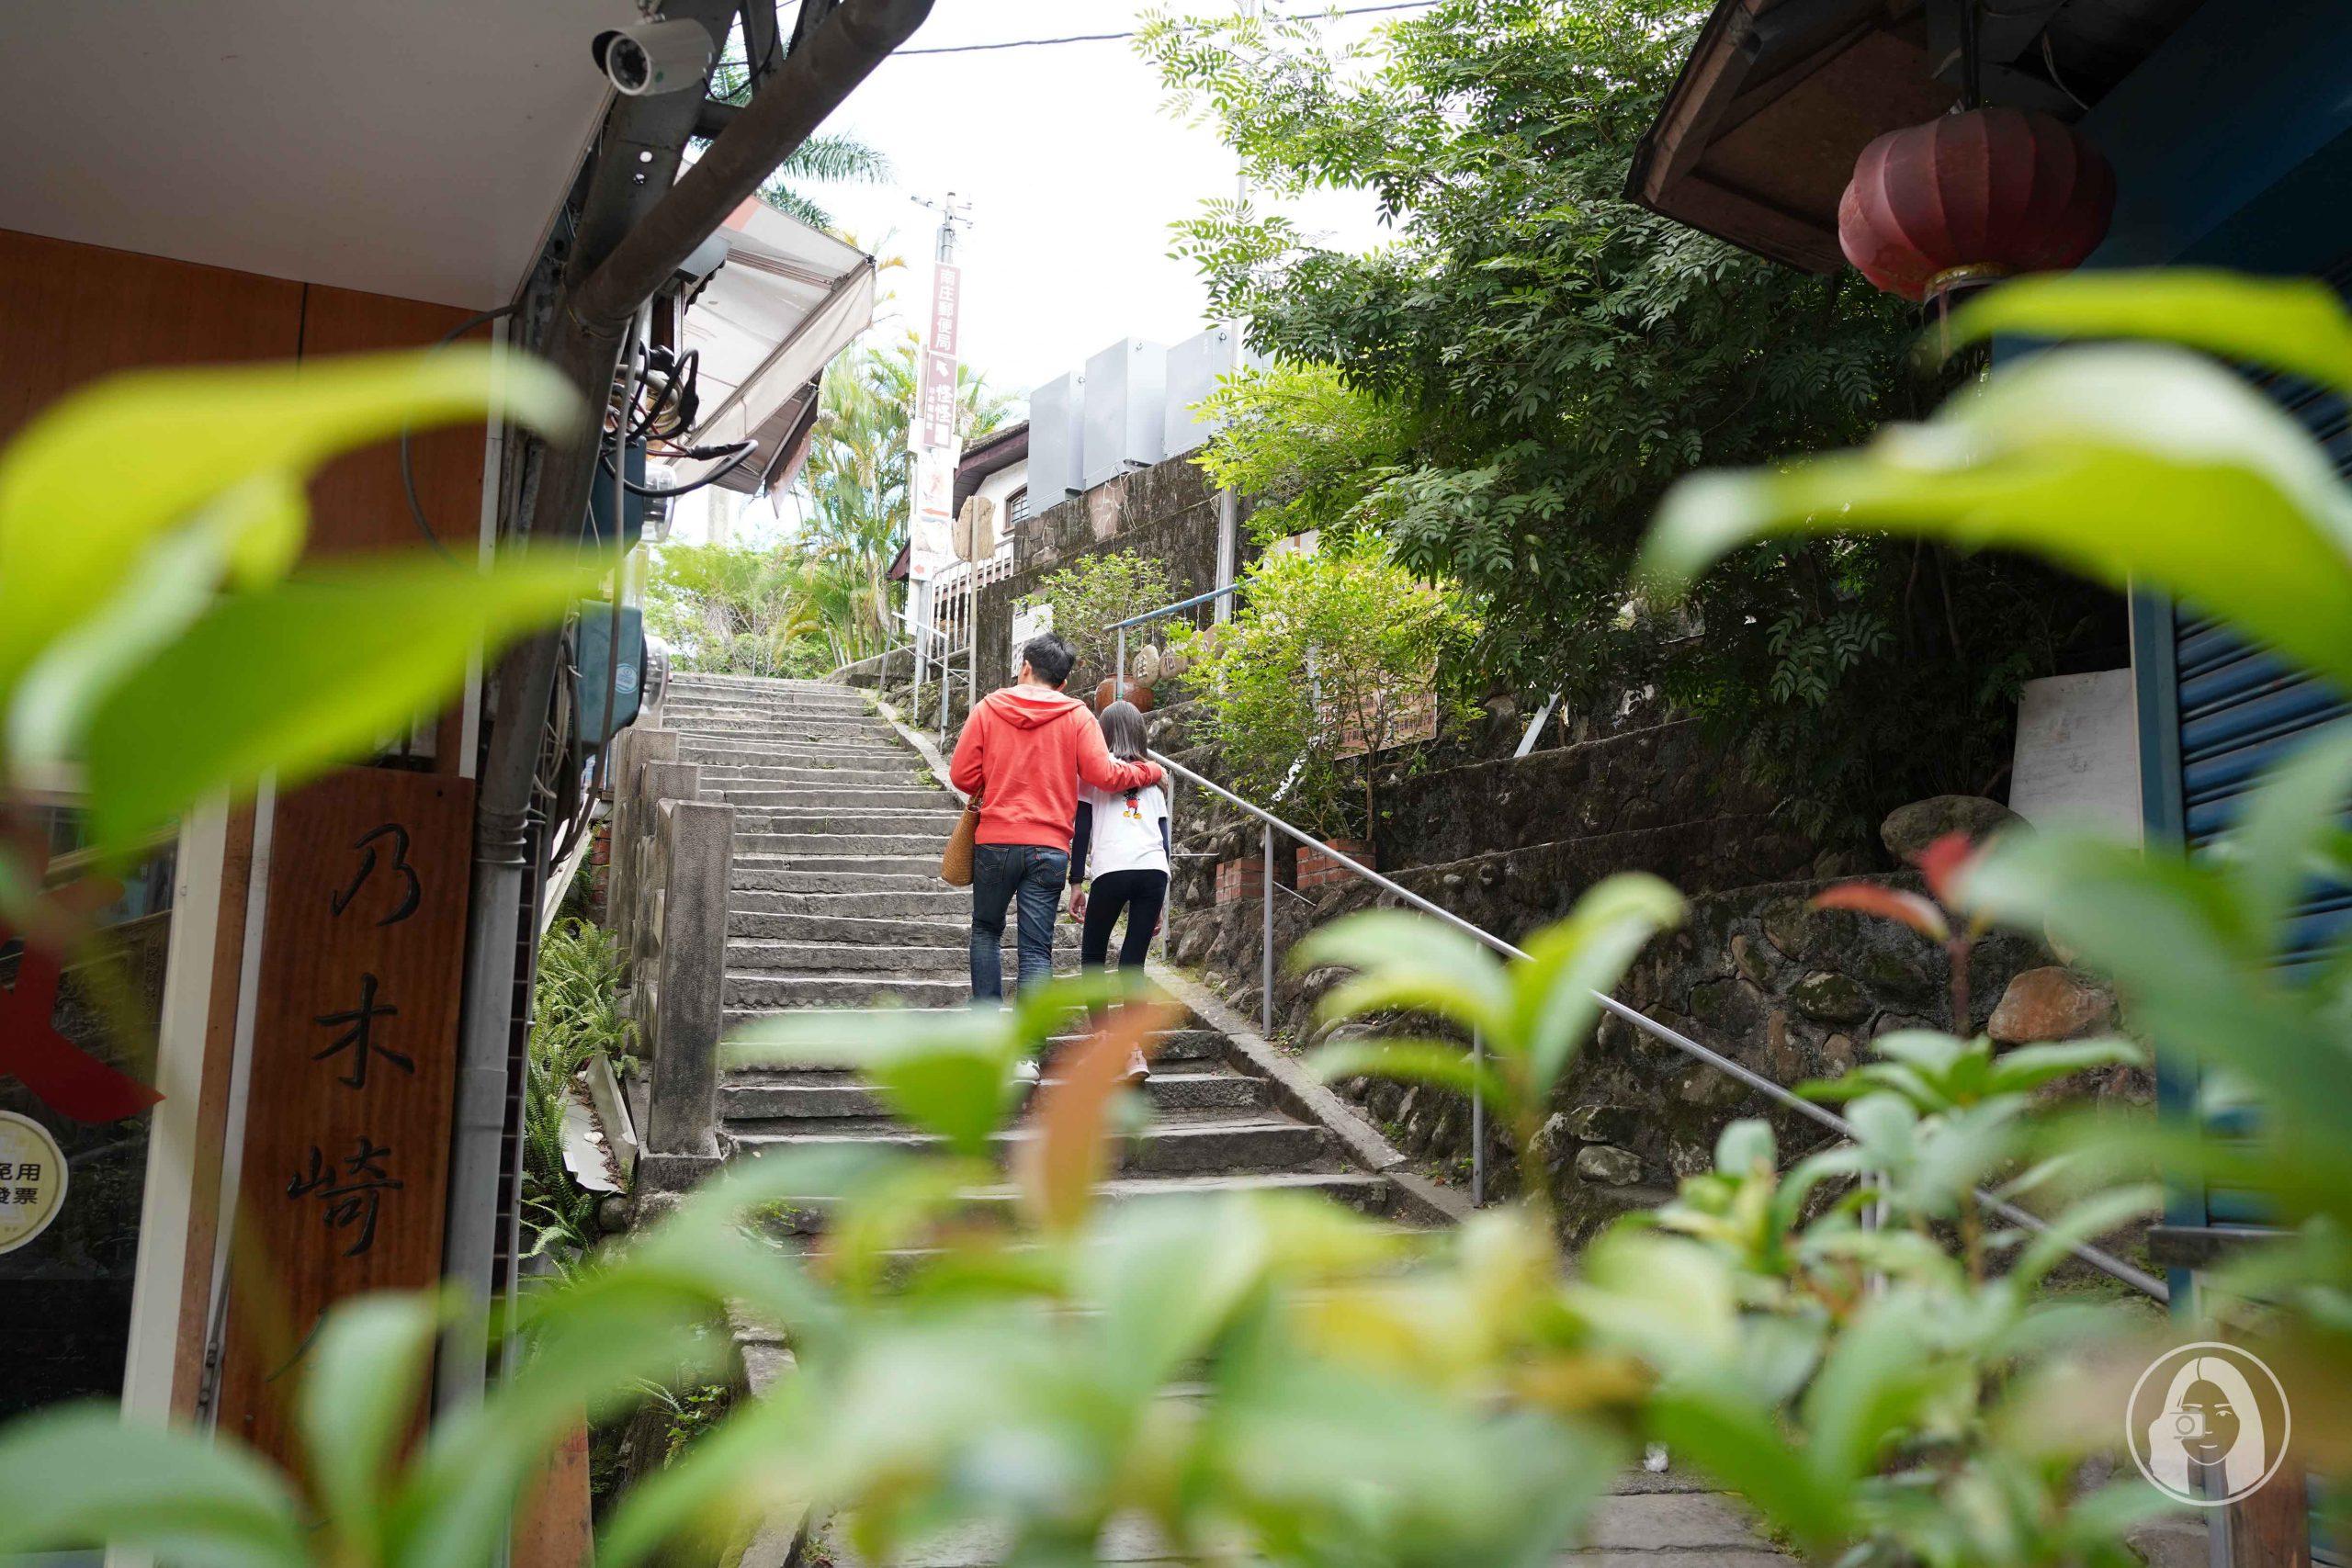 苗栗 慢城輕旅行,南庄一日遊行程,桂花巷、十三間老街、蓬萊溪護魚步道、向天湖